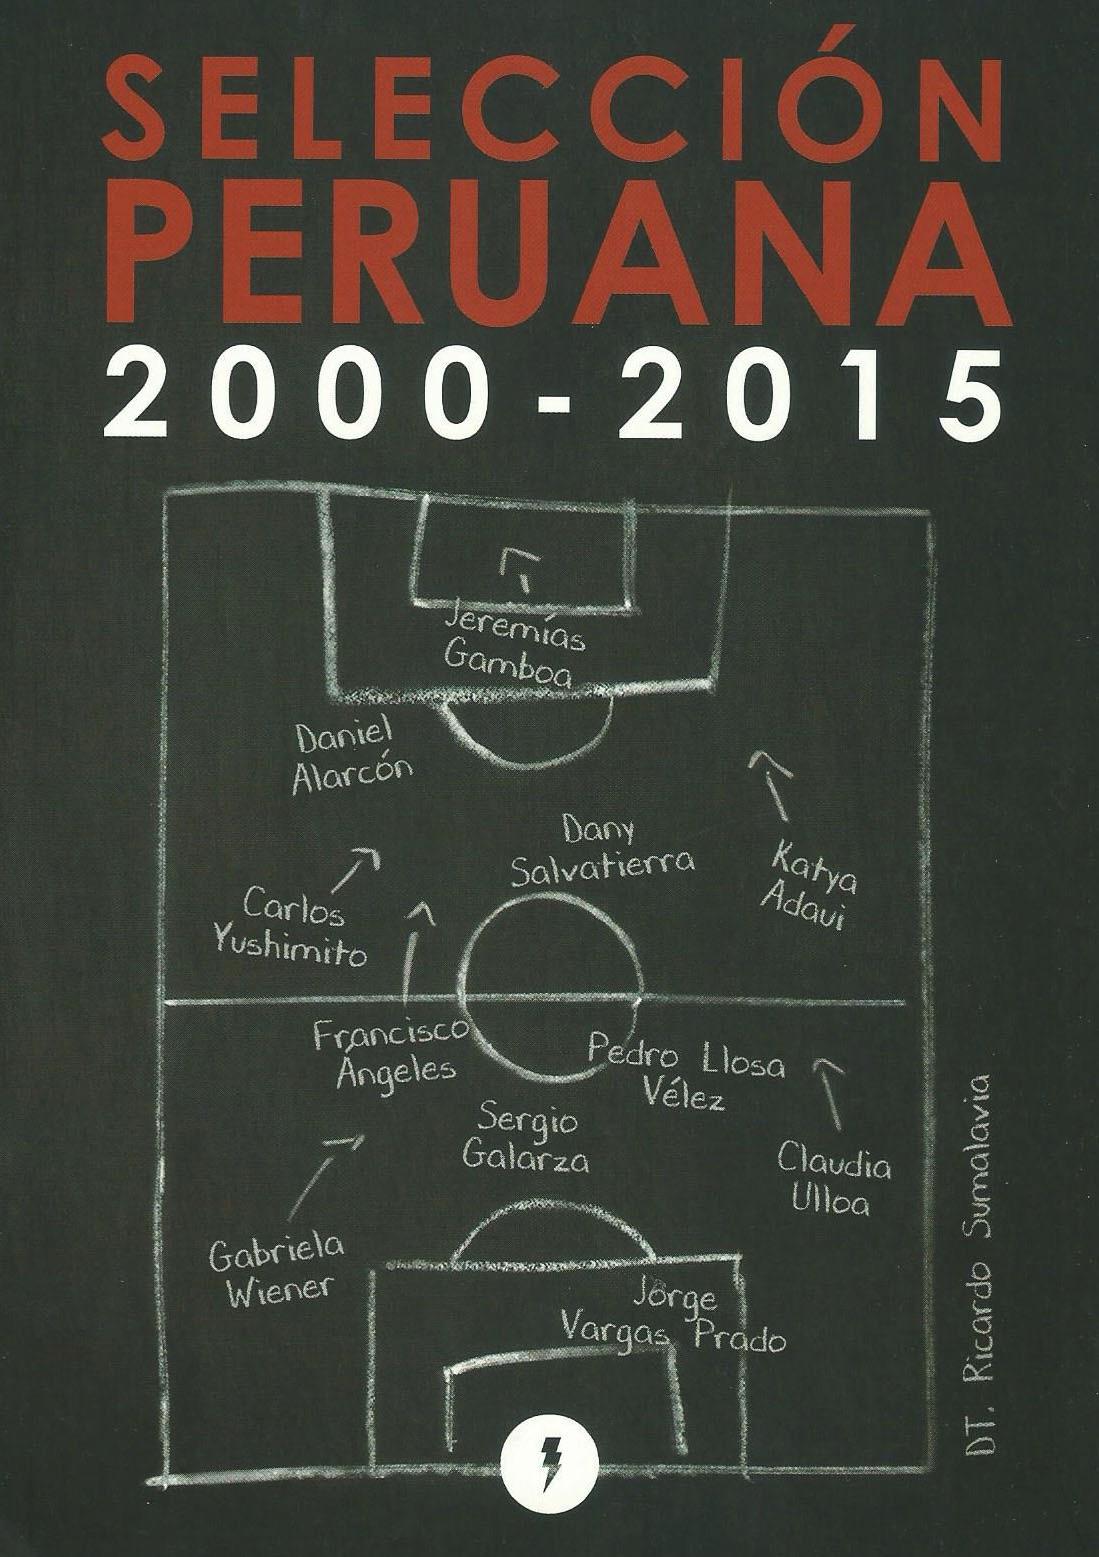 Selección peruana, 2000-2015